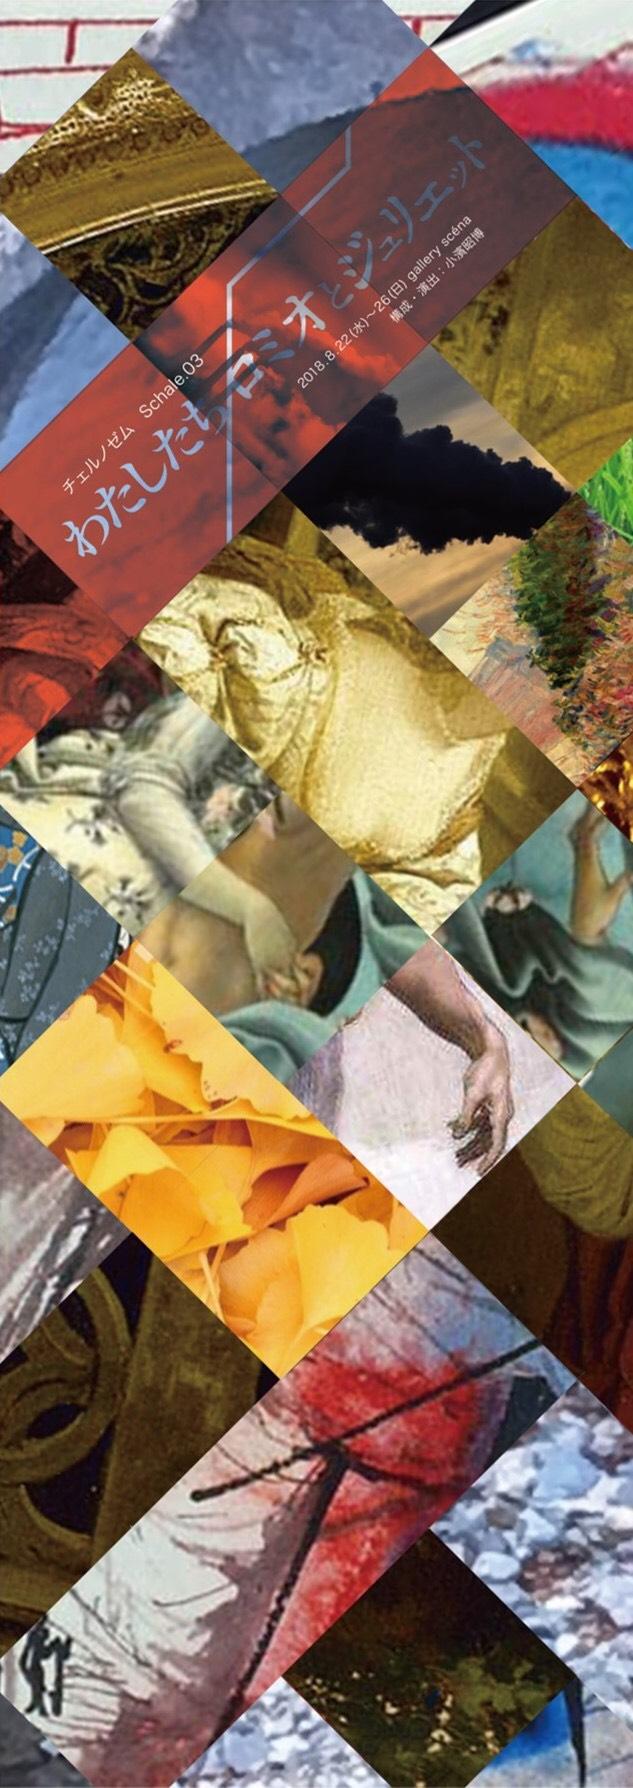 チェルノゼム 演劇公演 Schale.03「カルチベート・プロジェクト『わたしたち/ロミオとジュリエット』」 8/24(アフタートーク:鹿島将介)